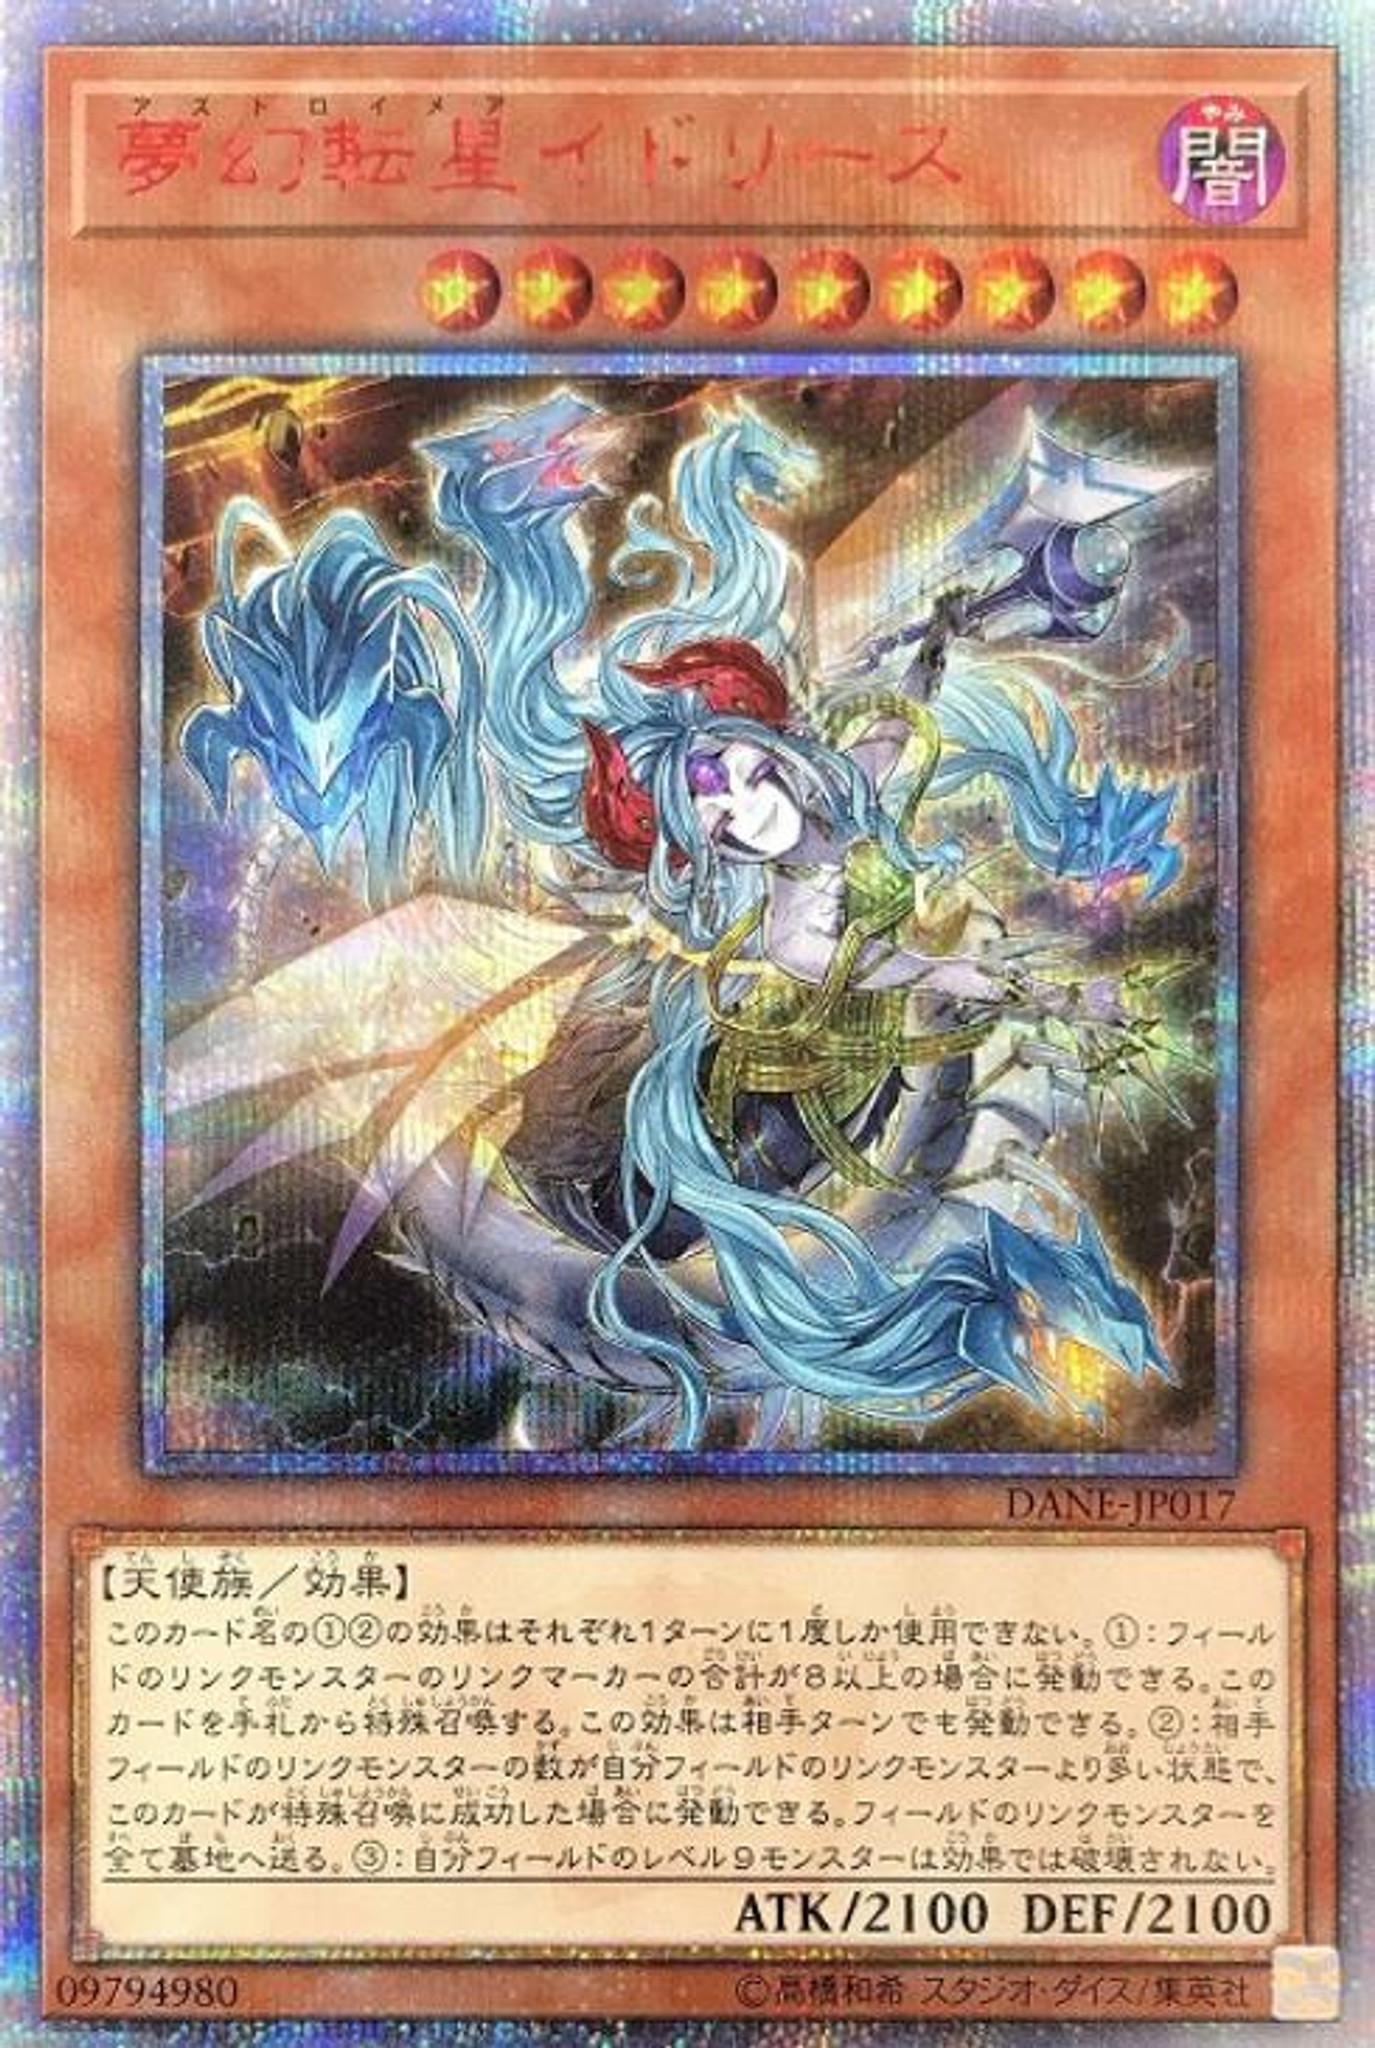 Astro Knightmare Idolee DANE-JP017 20th Secret Rare